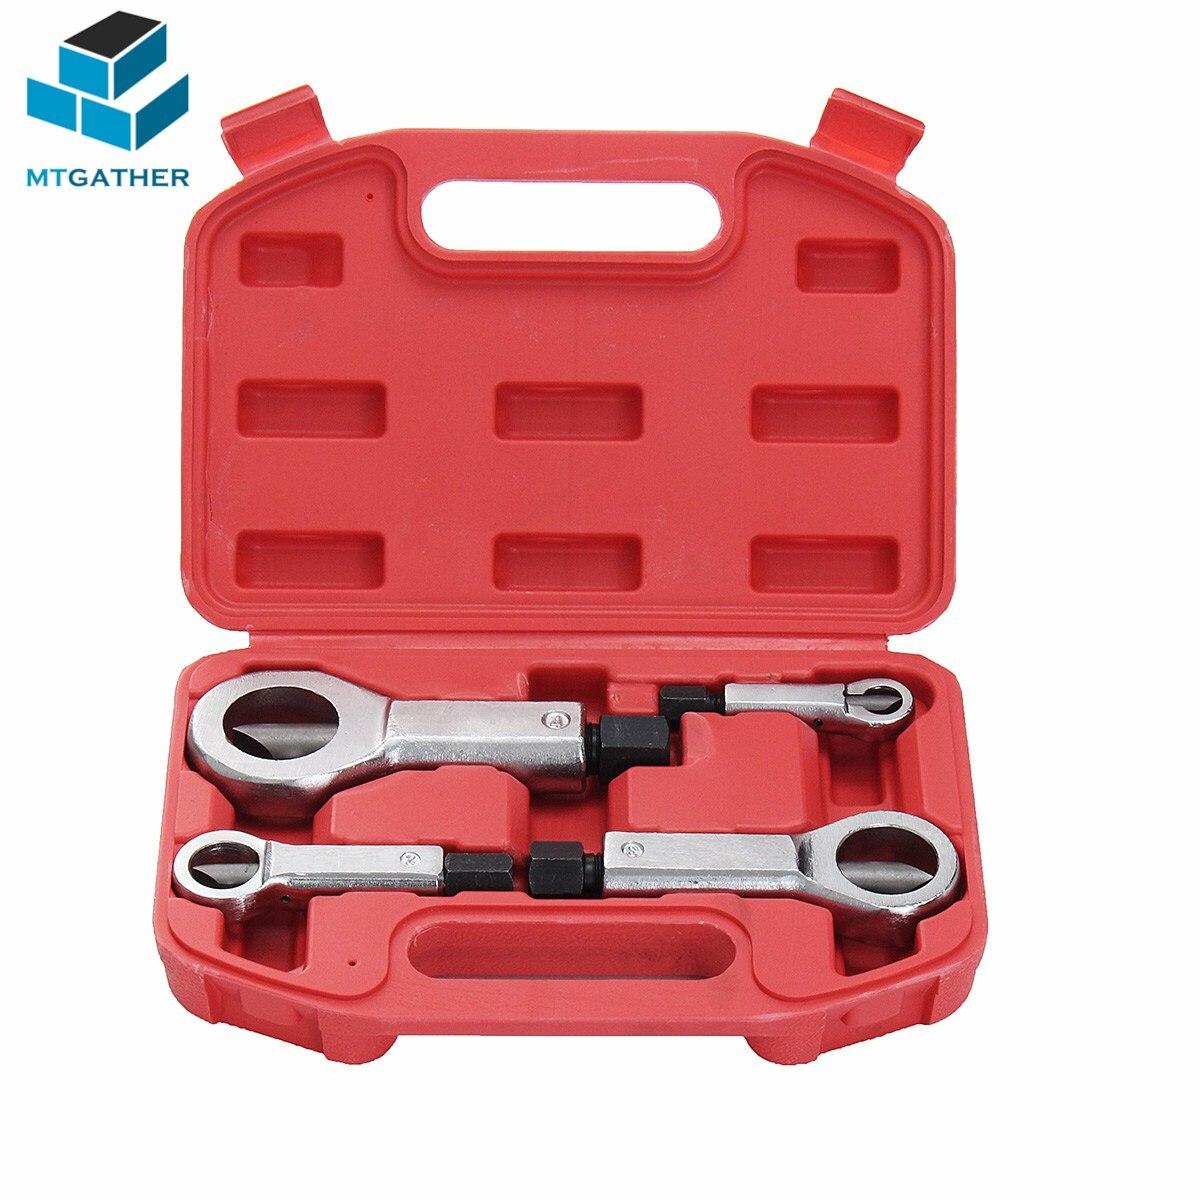 MTGATHER 4 Pcs Novo Kit Divisor Porca Cracker Corroído Empanturrados Aperto Removedor Removedor Extrator Conjunto de Ferramentas Lâmina de Aço Ferramenta de Divisão 9-36mm